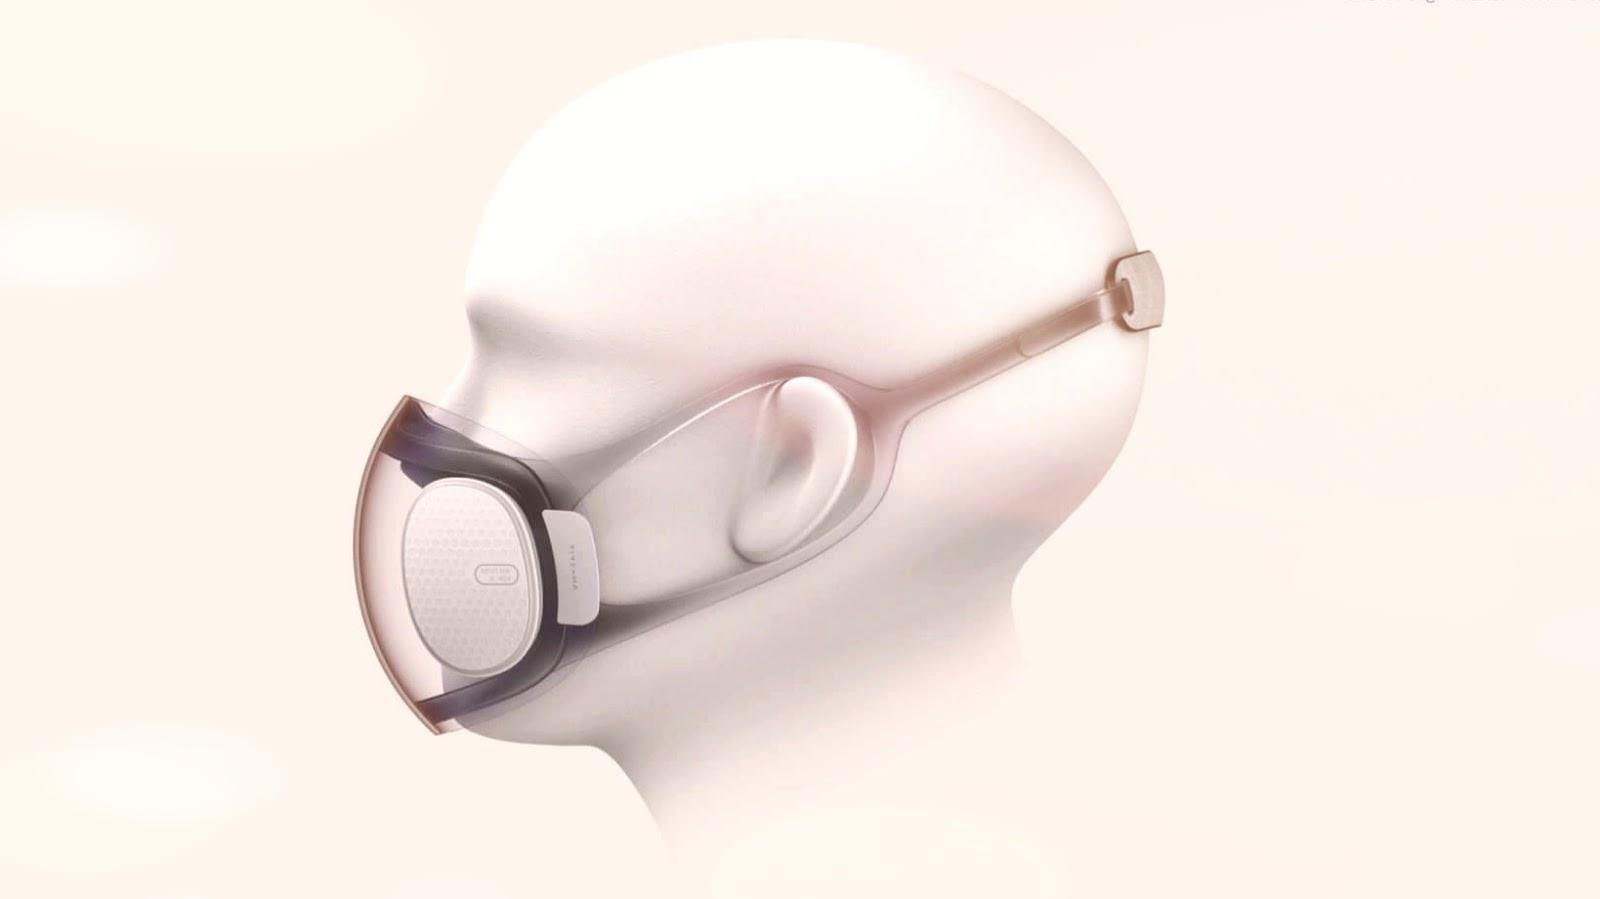 mascarilla transparente que se autolimpia y se carga a través del puerto USB